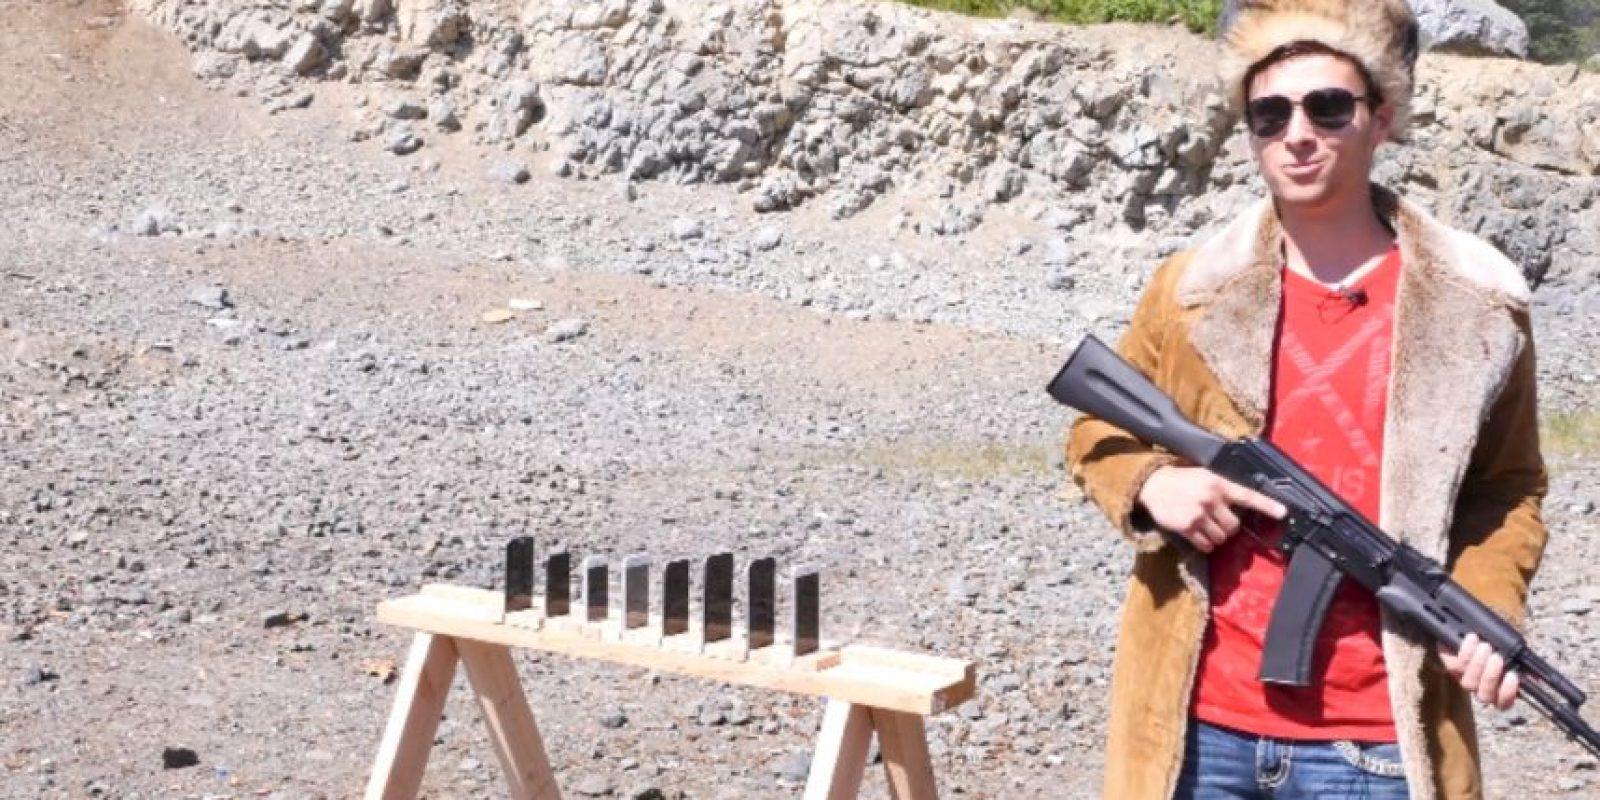 Los aparatos sobrevivientes fueron destruidos con una escopeta por este hombre Foto:YouTube/EverythingApplePro